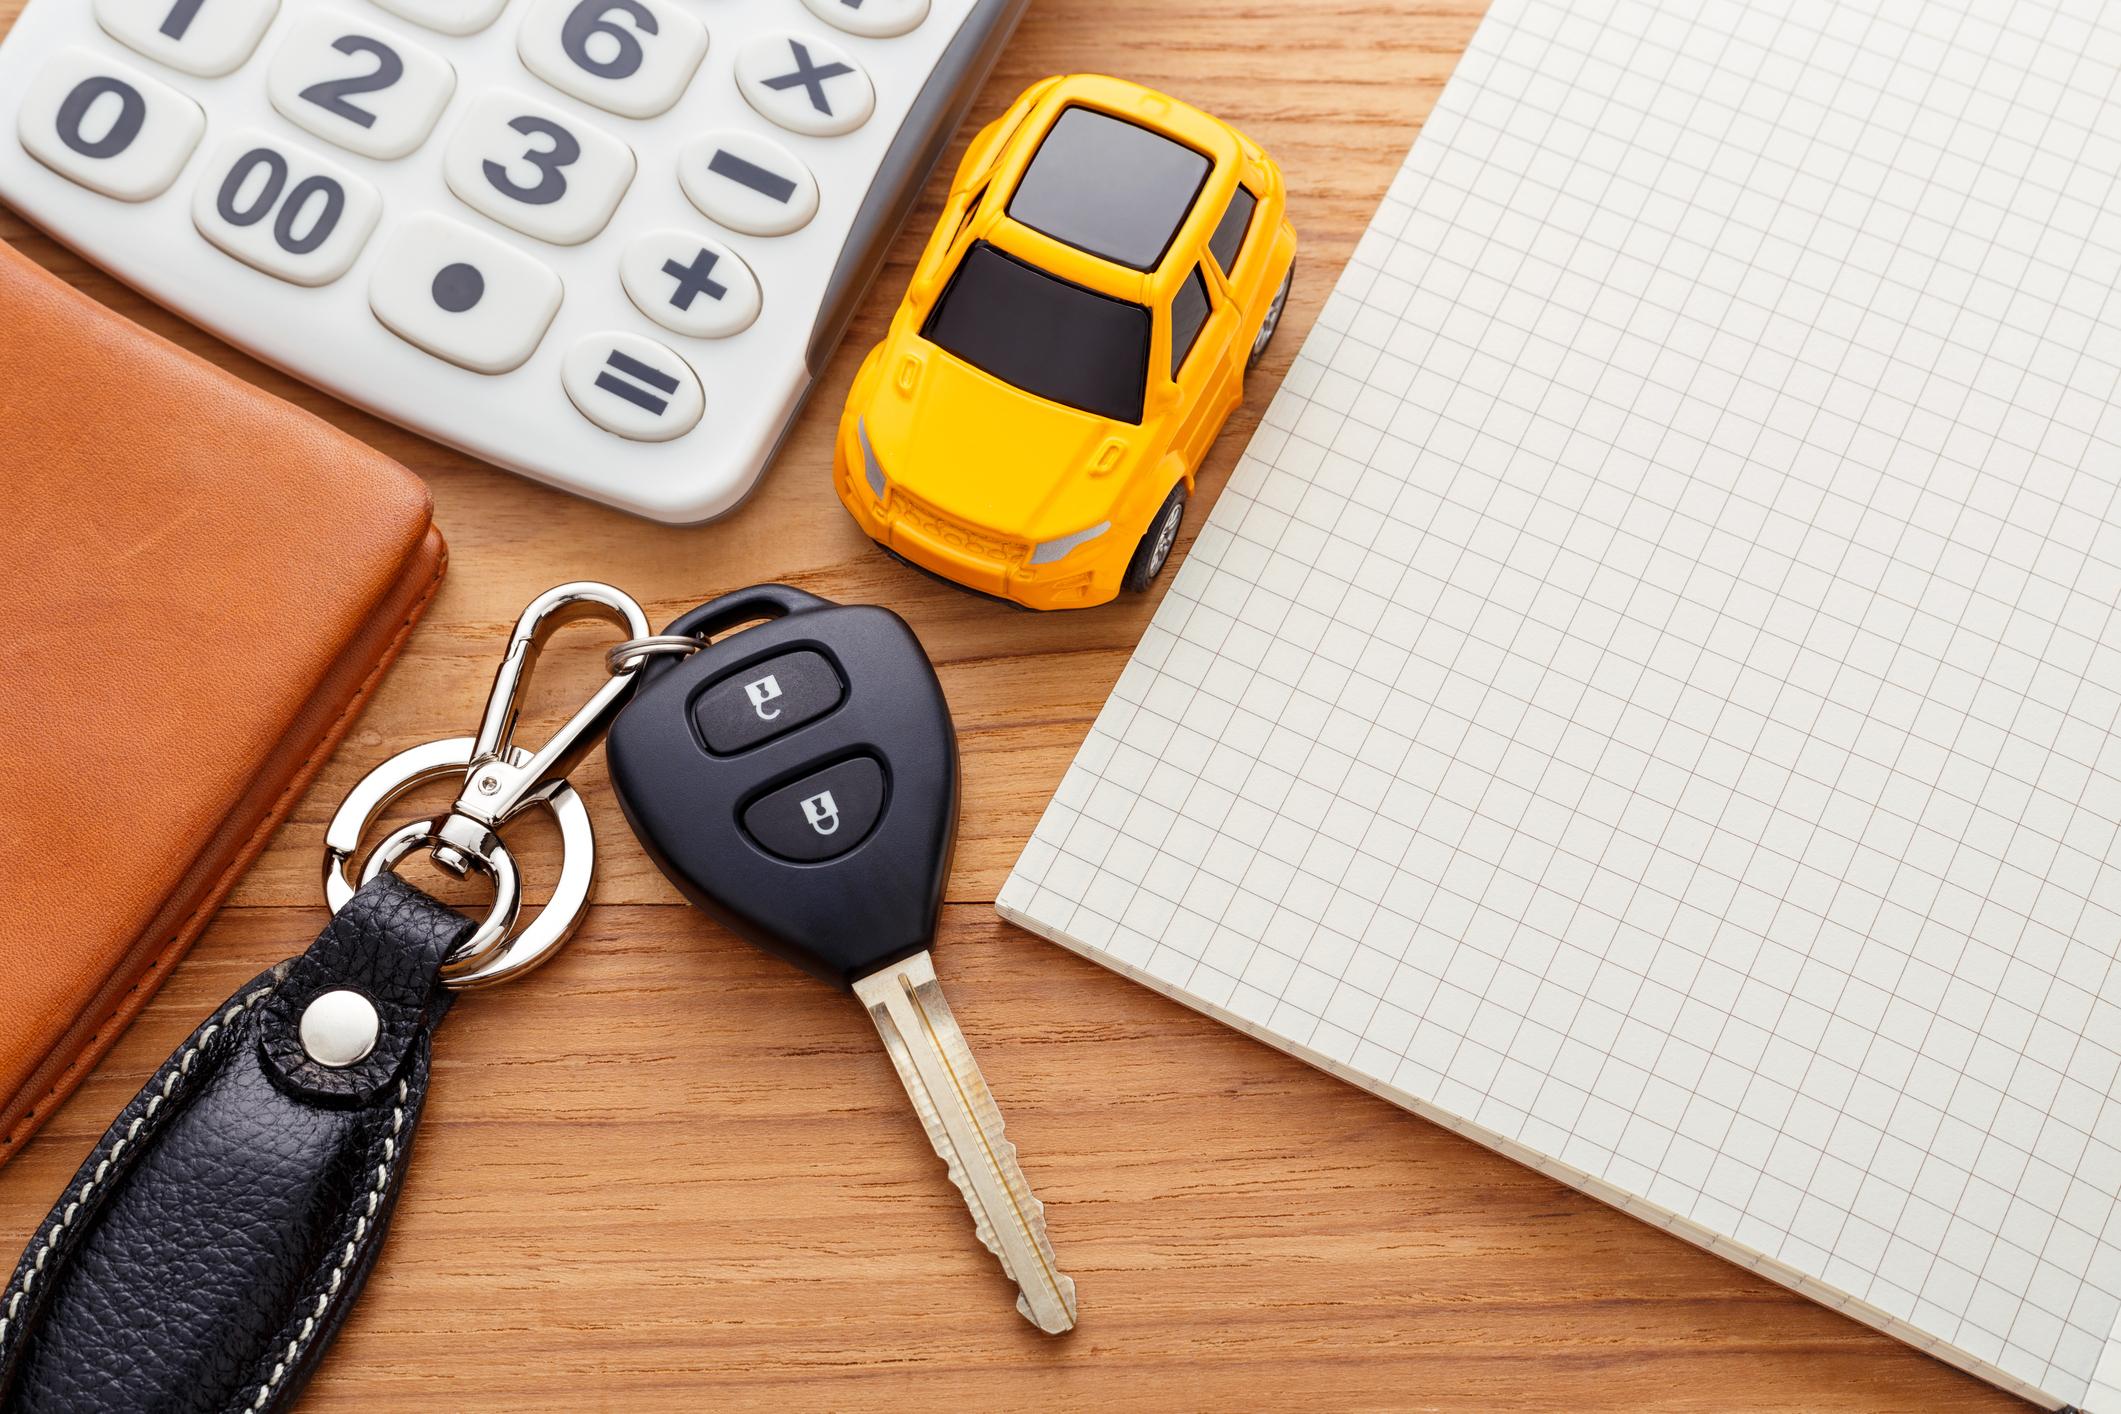 uma mesa com uma chave de carro, um carro em miniatura, uma calculadora, uma carteira e um caderno